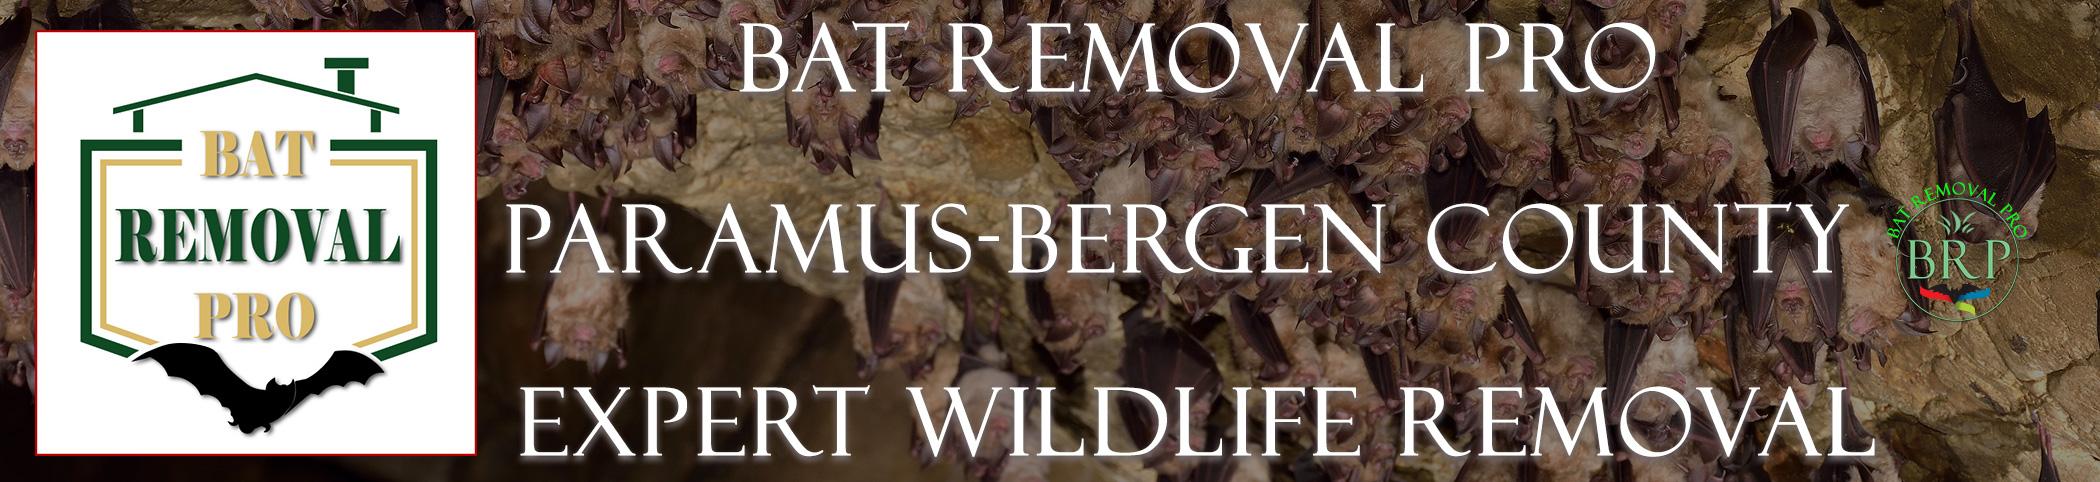 PARAMUS-bat-removal-at-bat-removal-pro-header-image